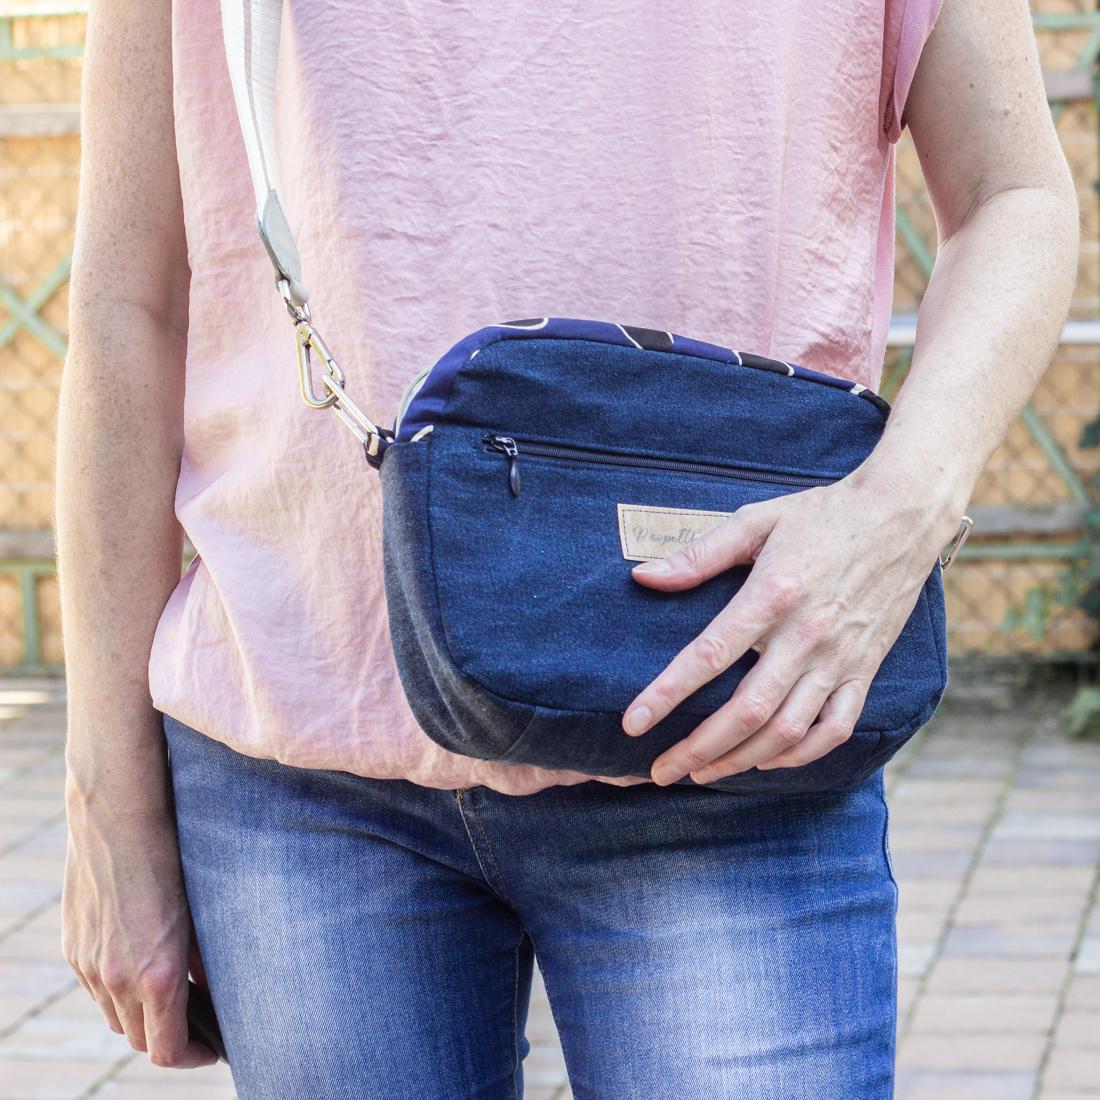 Cambag Tessa in XL - Stylische Tasche nähen aus stylisher Hose